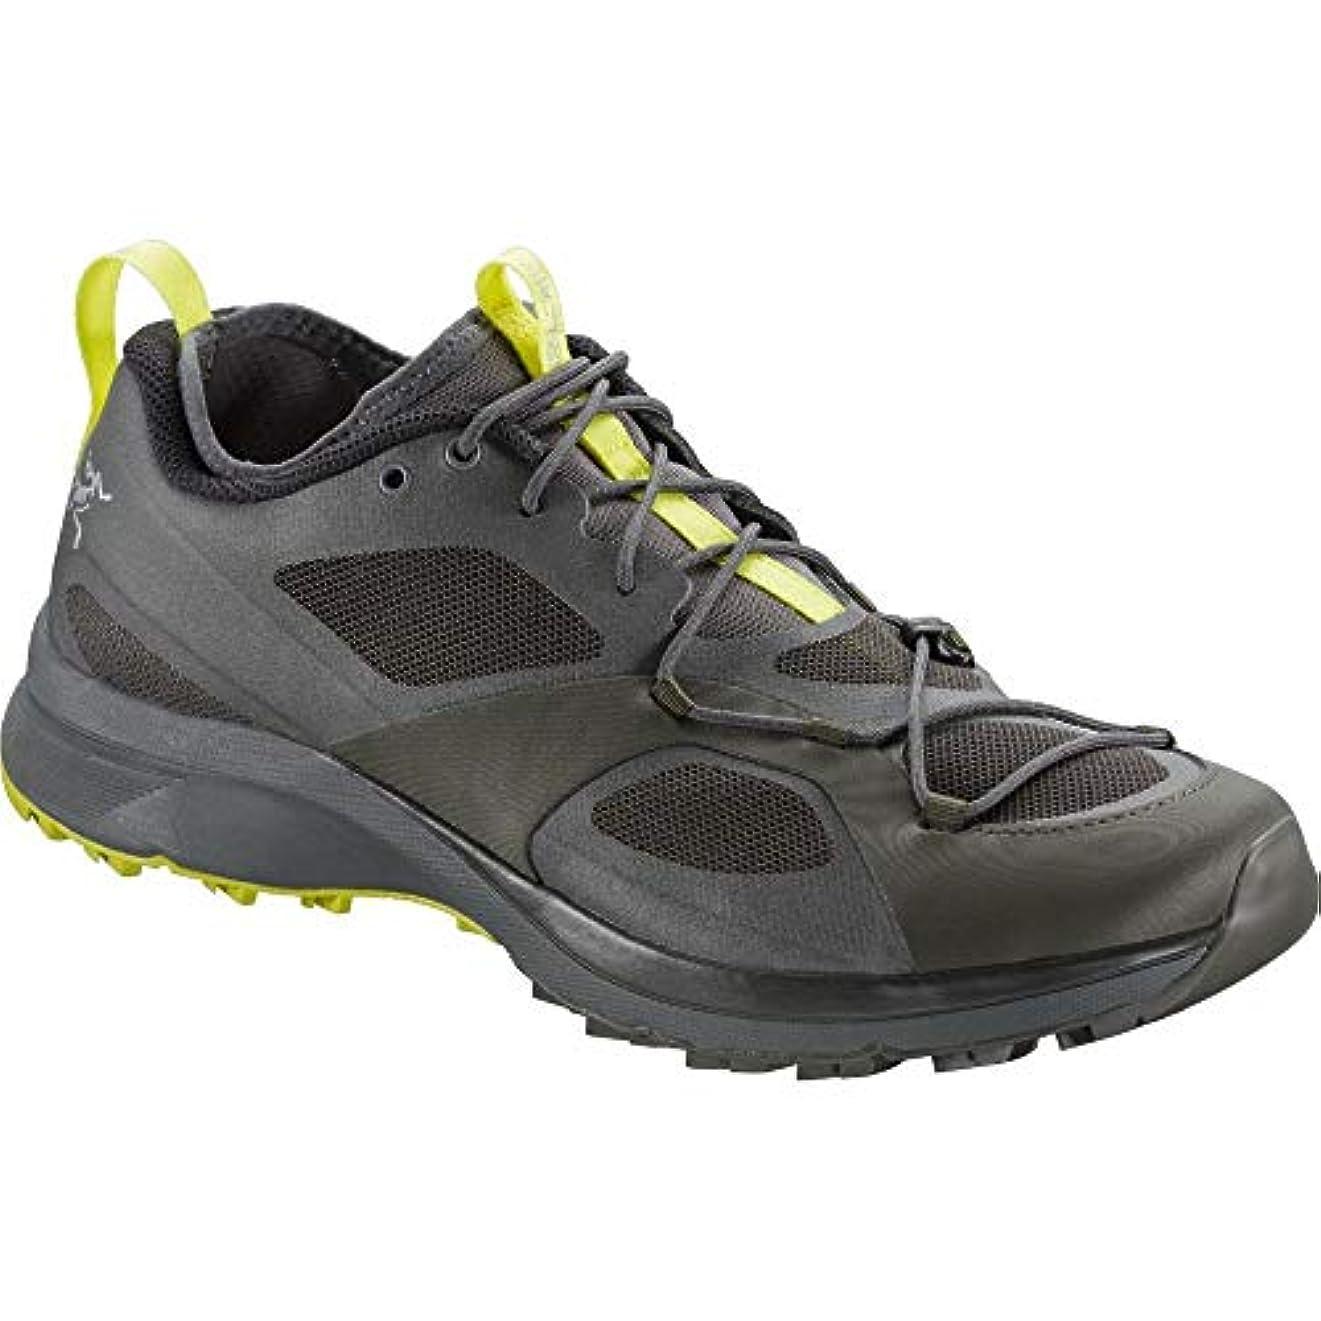 メッシュ塩辛い注釈(アークテリクス) Arc'teryx メンズ ランニング?ウォーキング シューズ?靴 Norvan VT Trail-Running Shoes [並行輸入品]